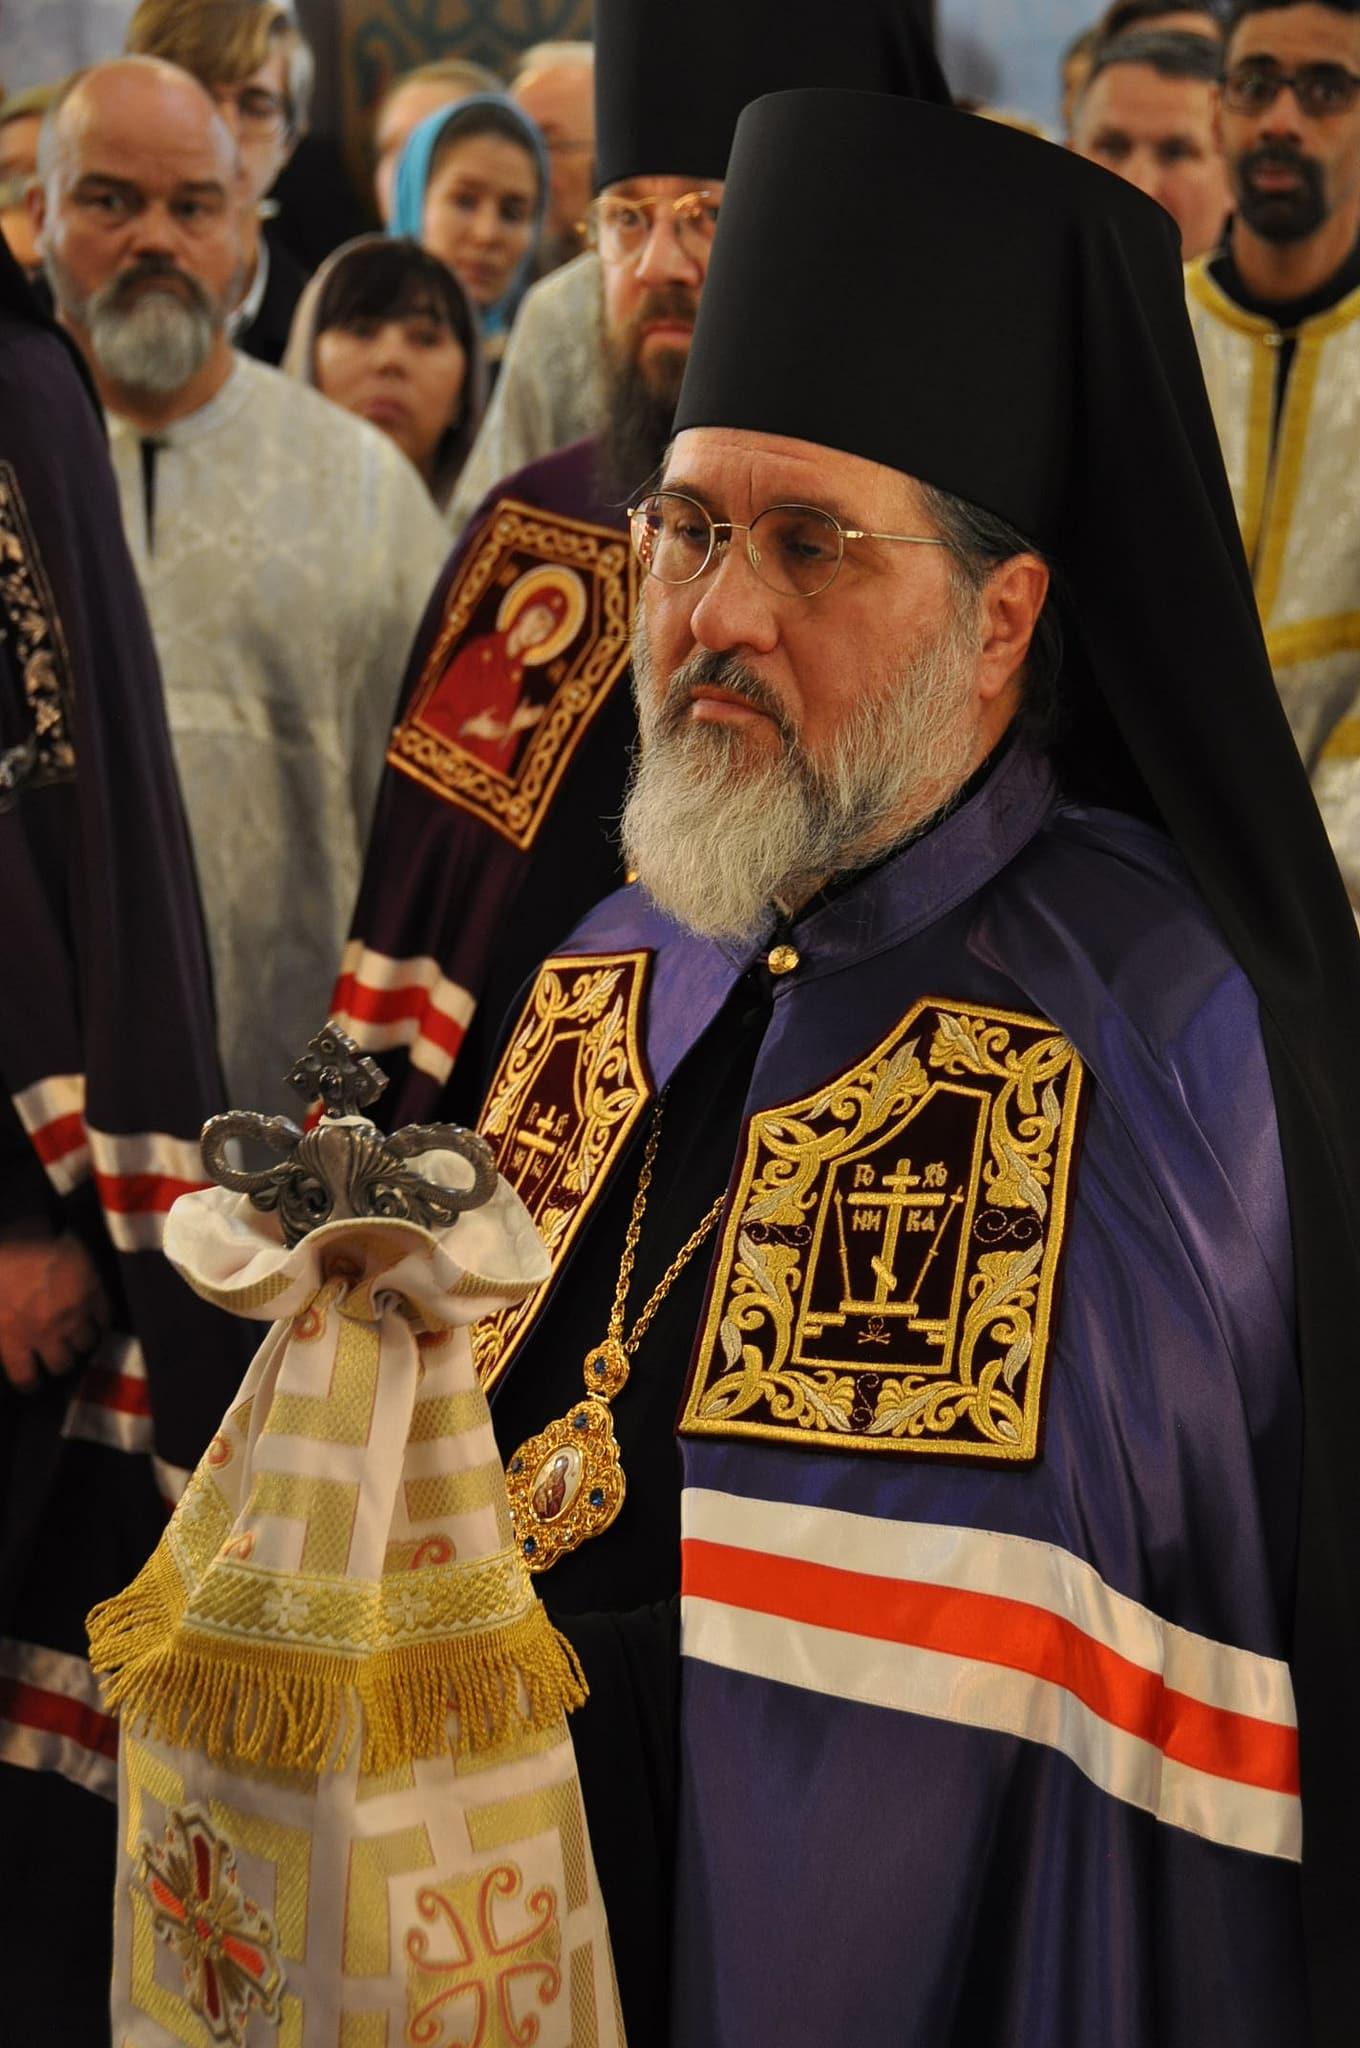 Mgr Alexandre portera le titre d'évêque de Vevey. Il est le second à porter ce titre après Mgr Ambroise, de bienheureuse mémoire, décédé en 2009 (© 2019 Alex Romash).